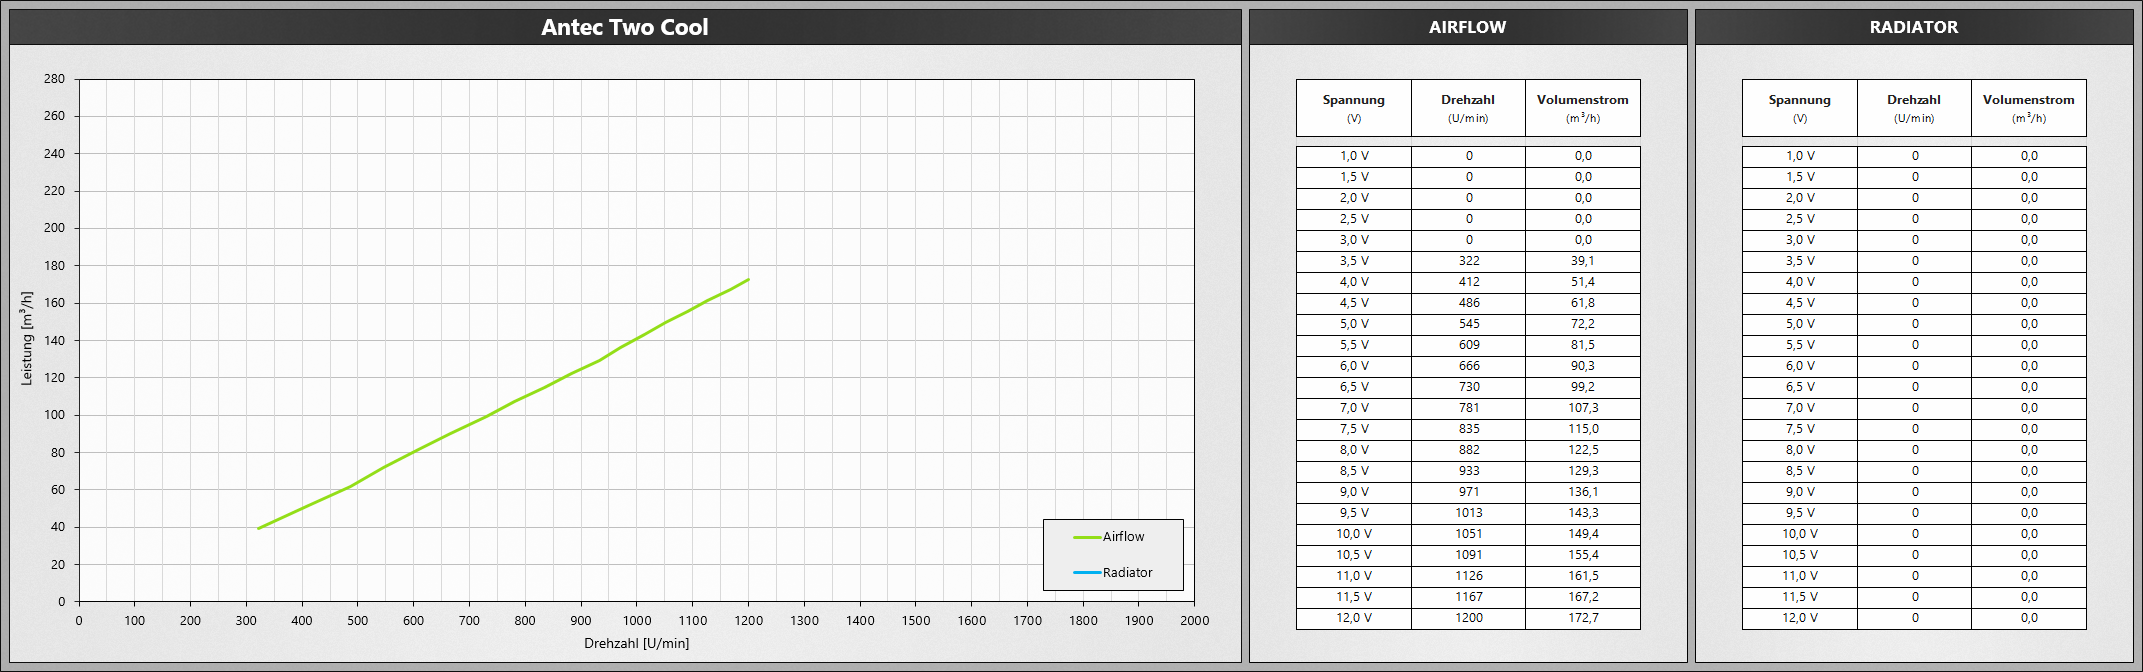 Klicken Sie auf die Grafik für eine größere Ansicht  Name:AntecTwoCool.png Hits:653 Größe:465,2 KB ID:1074751